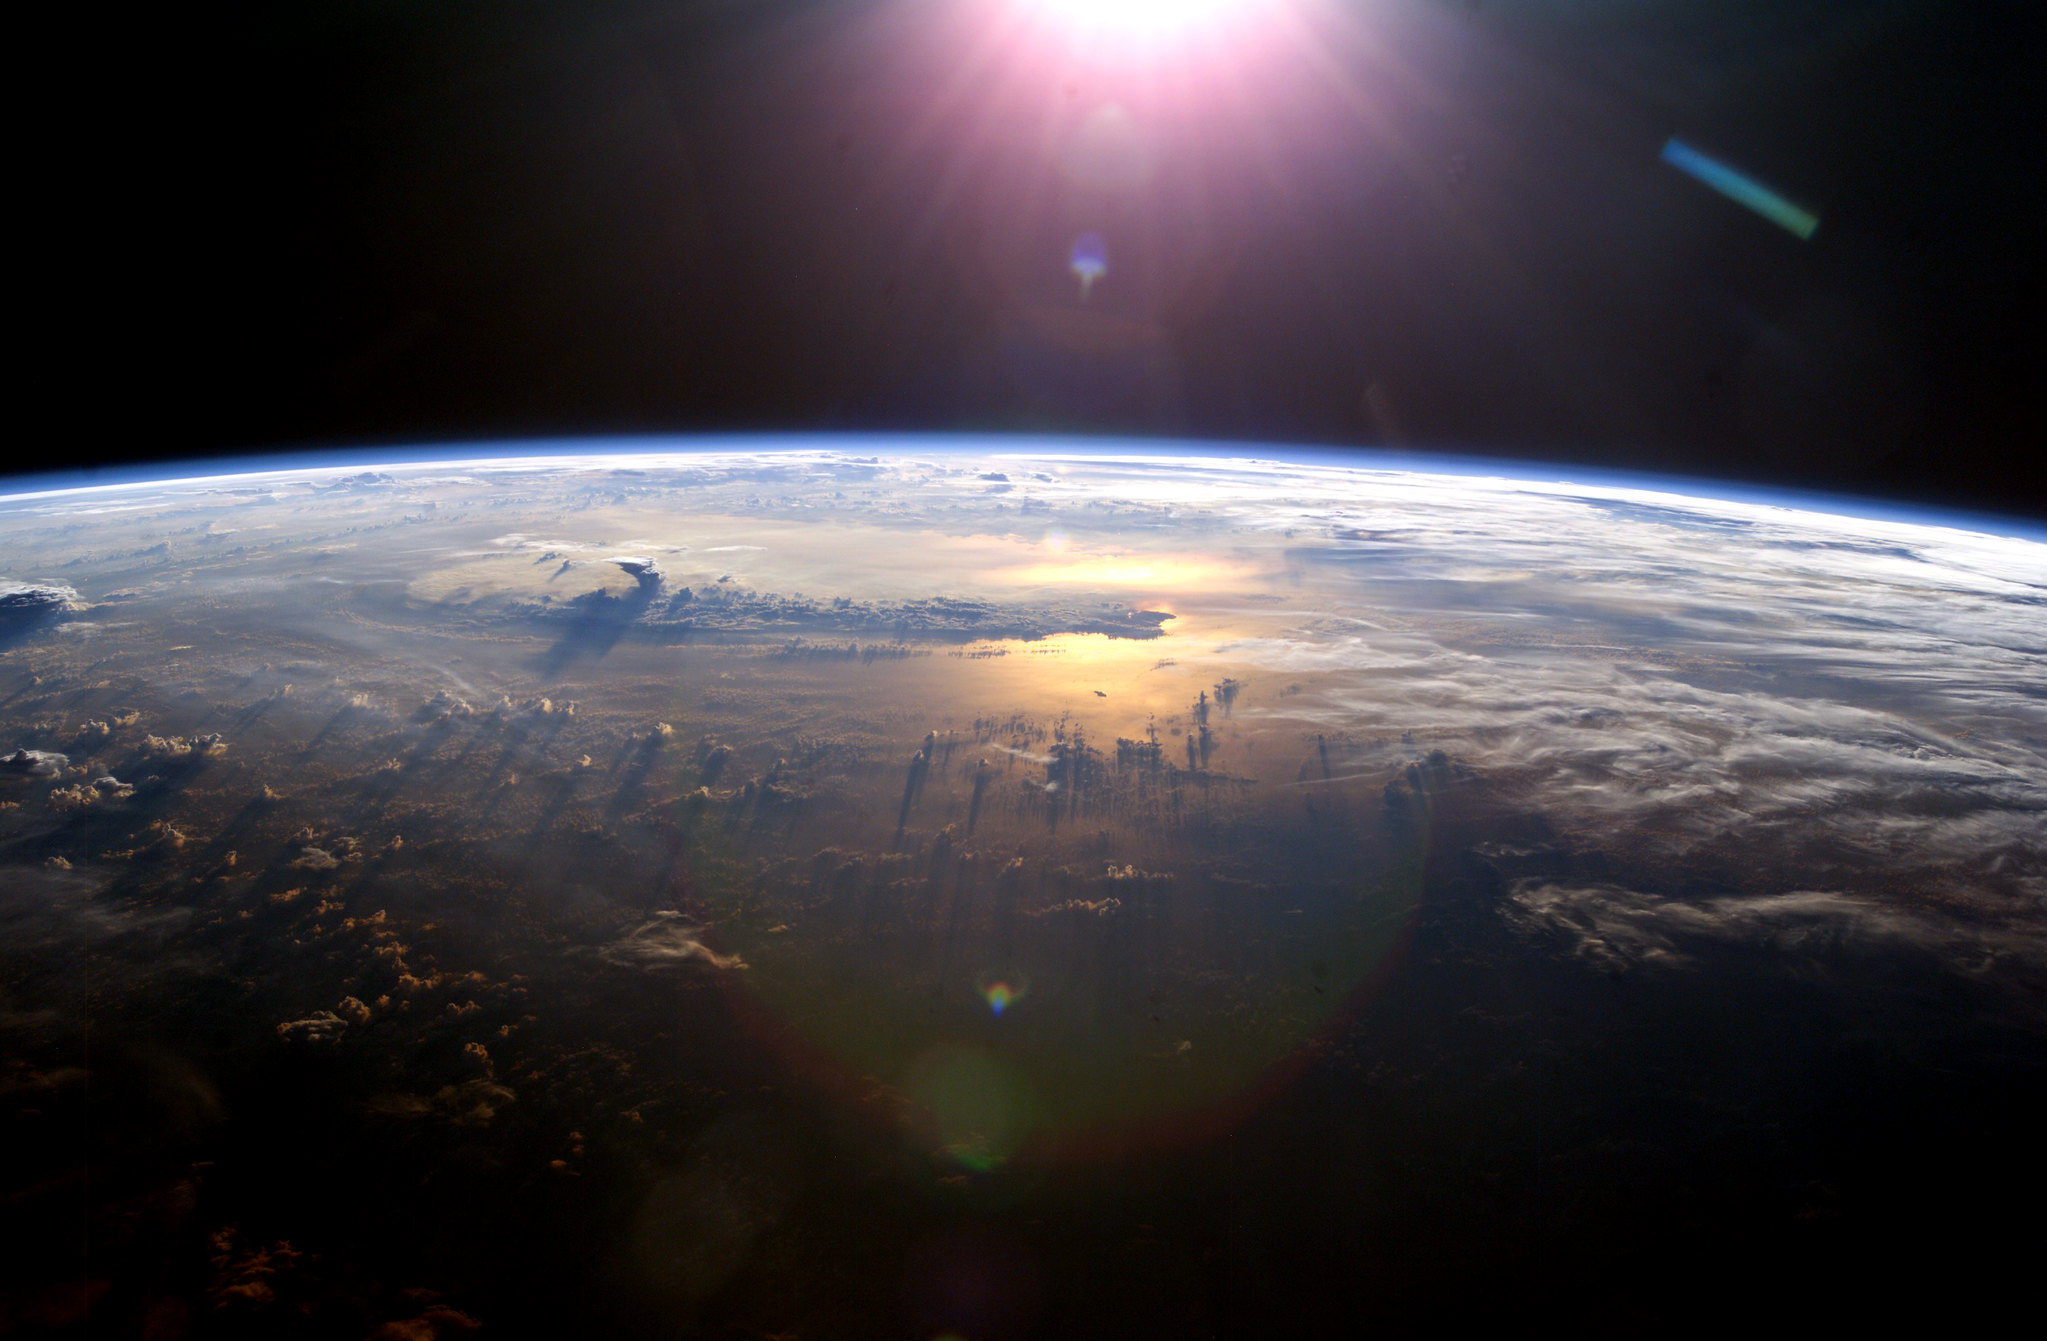 ケプラー160に新たな系外惑星、居住可能な惑星の最良候補か